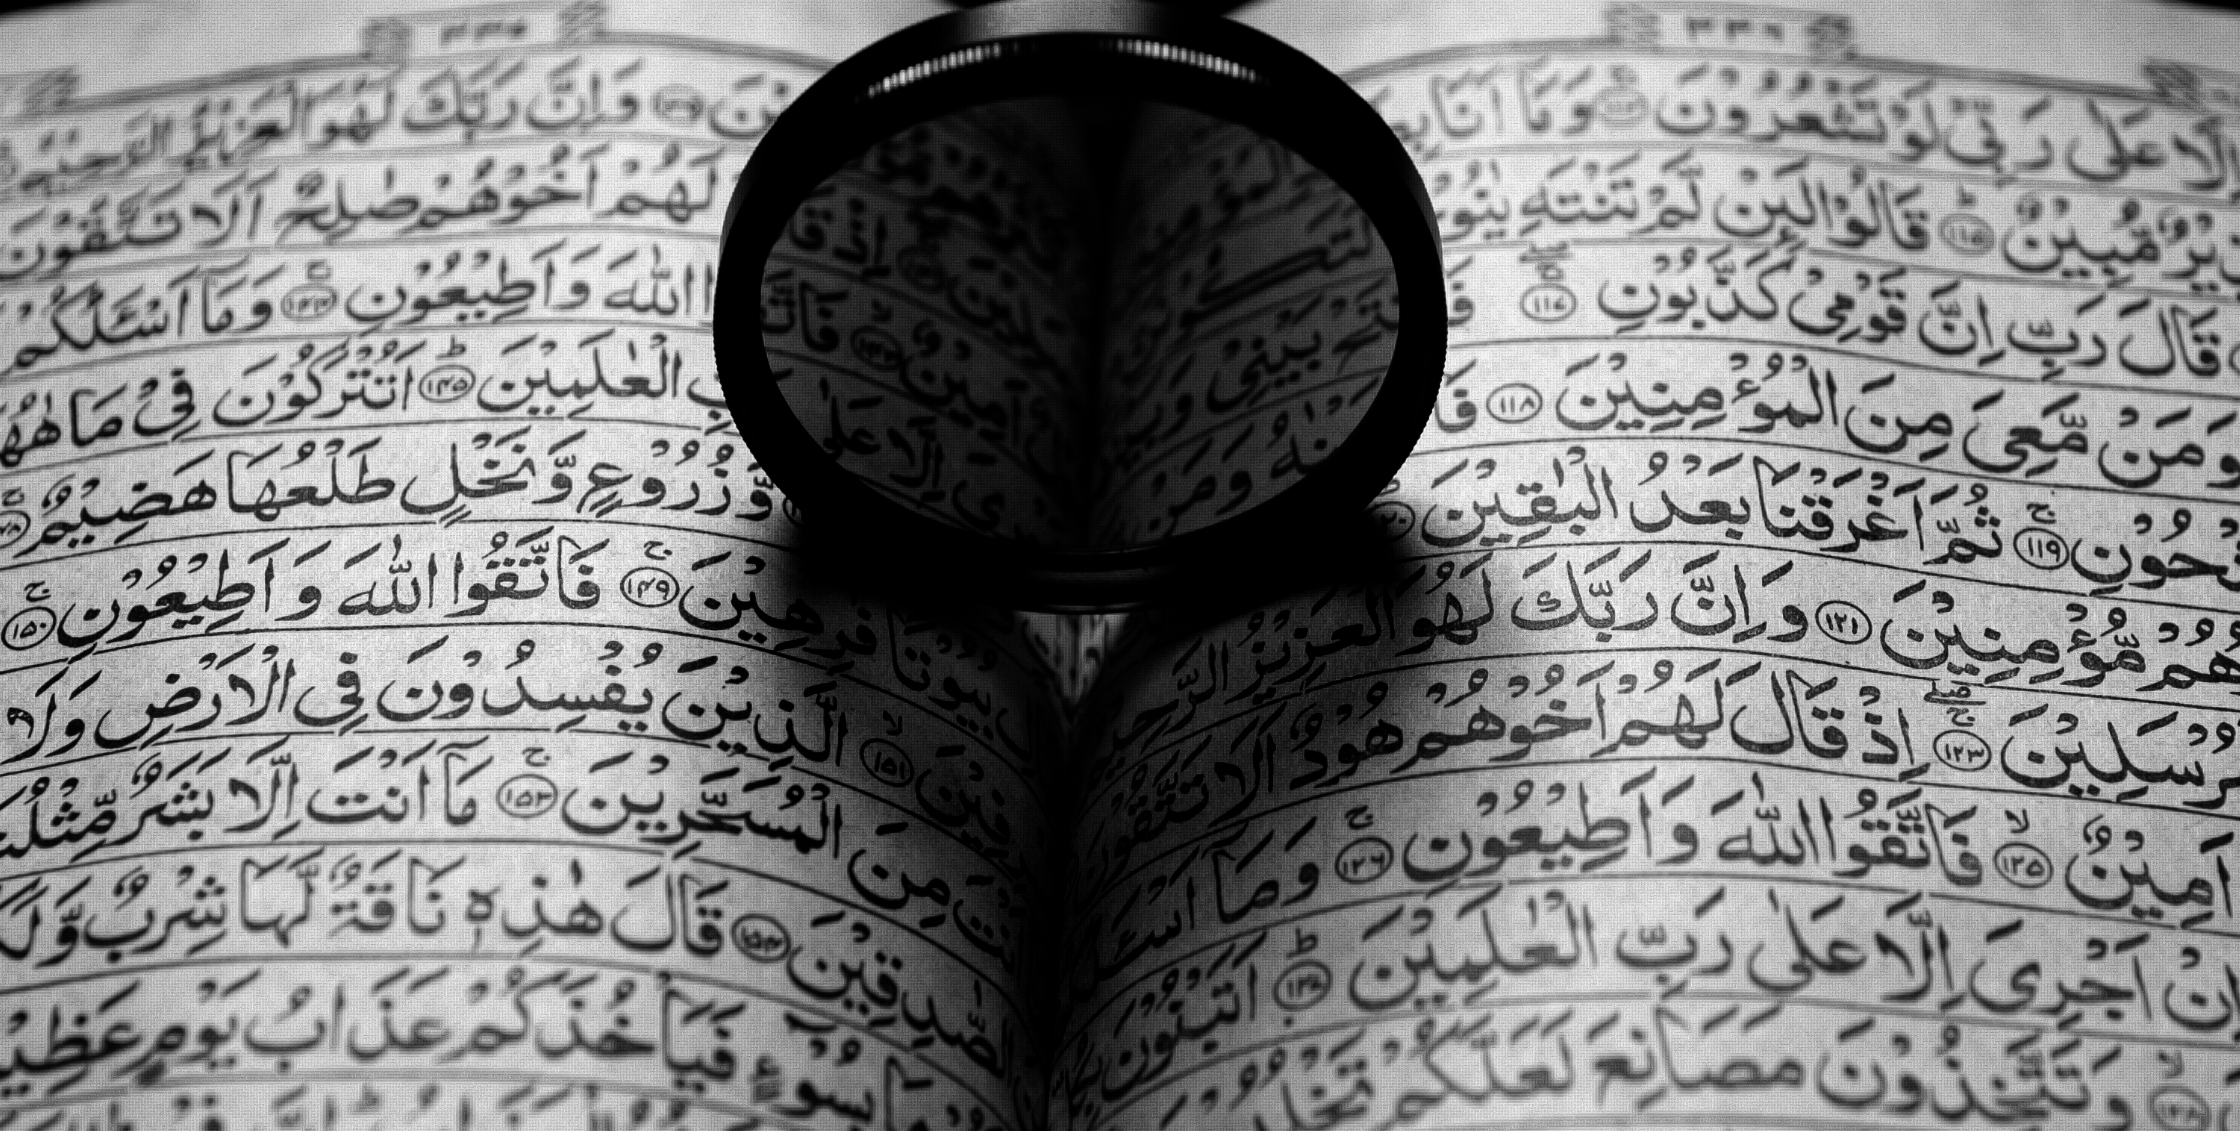 Hadisi o sakupljanju Kur'ana i preinačavanje u smislu nadodavanja